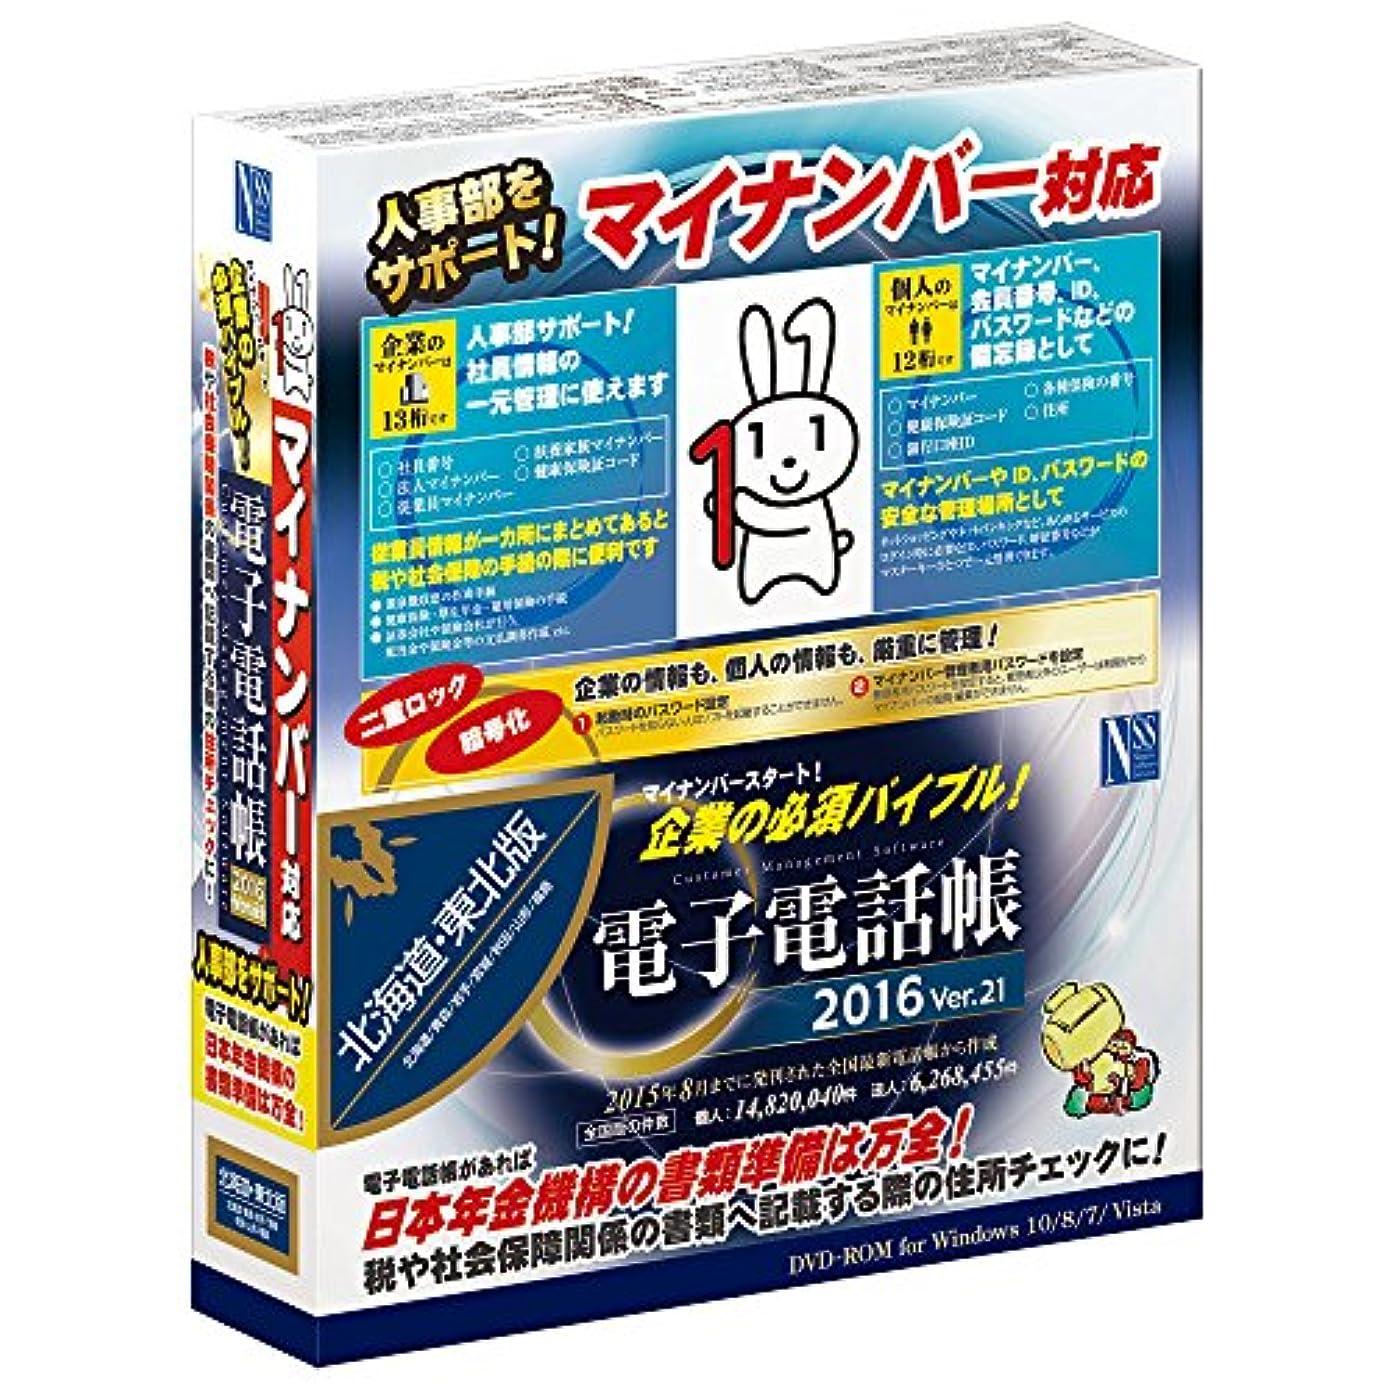 深いコードレス広々日本ソフト販売 電子電話帳 2016 Ver.21 北海道?東北版